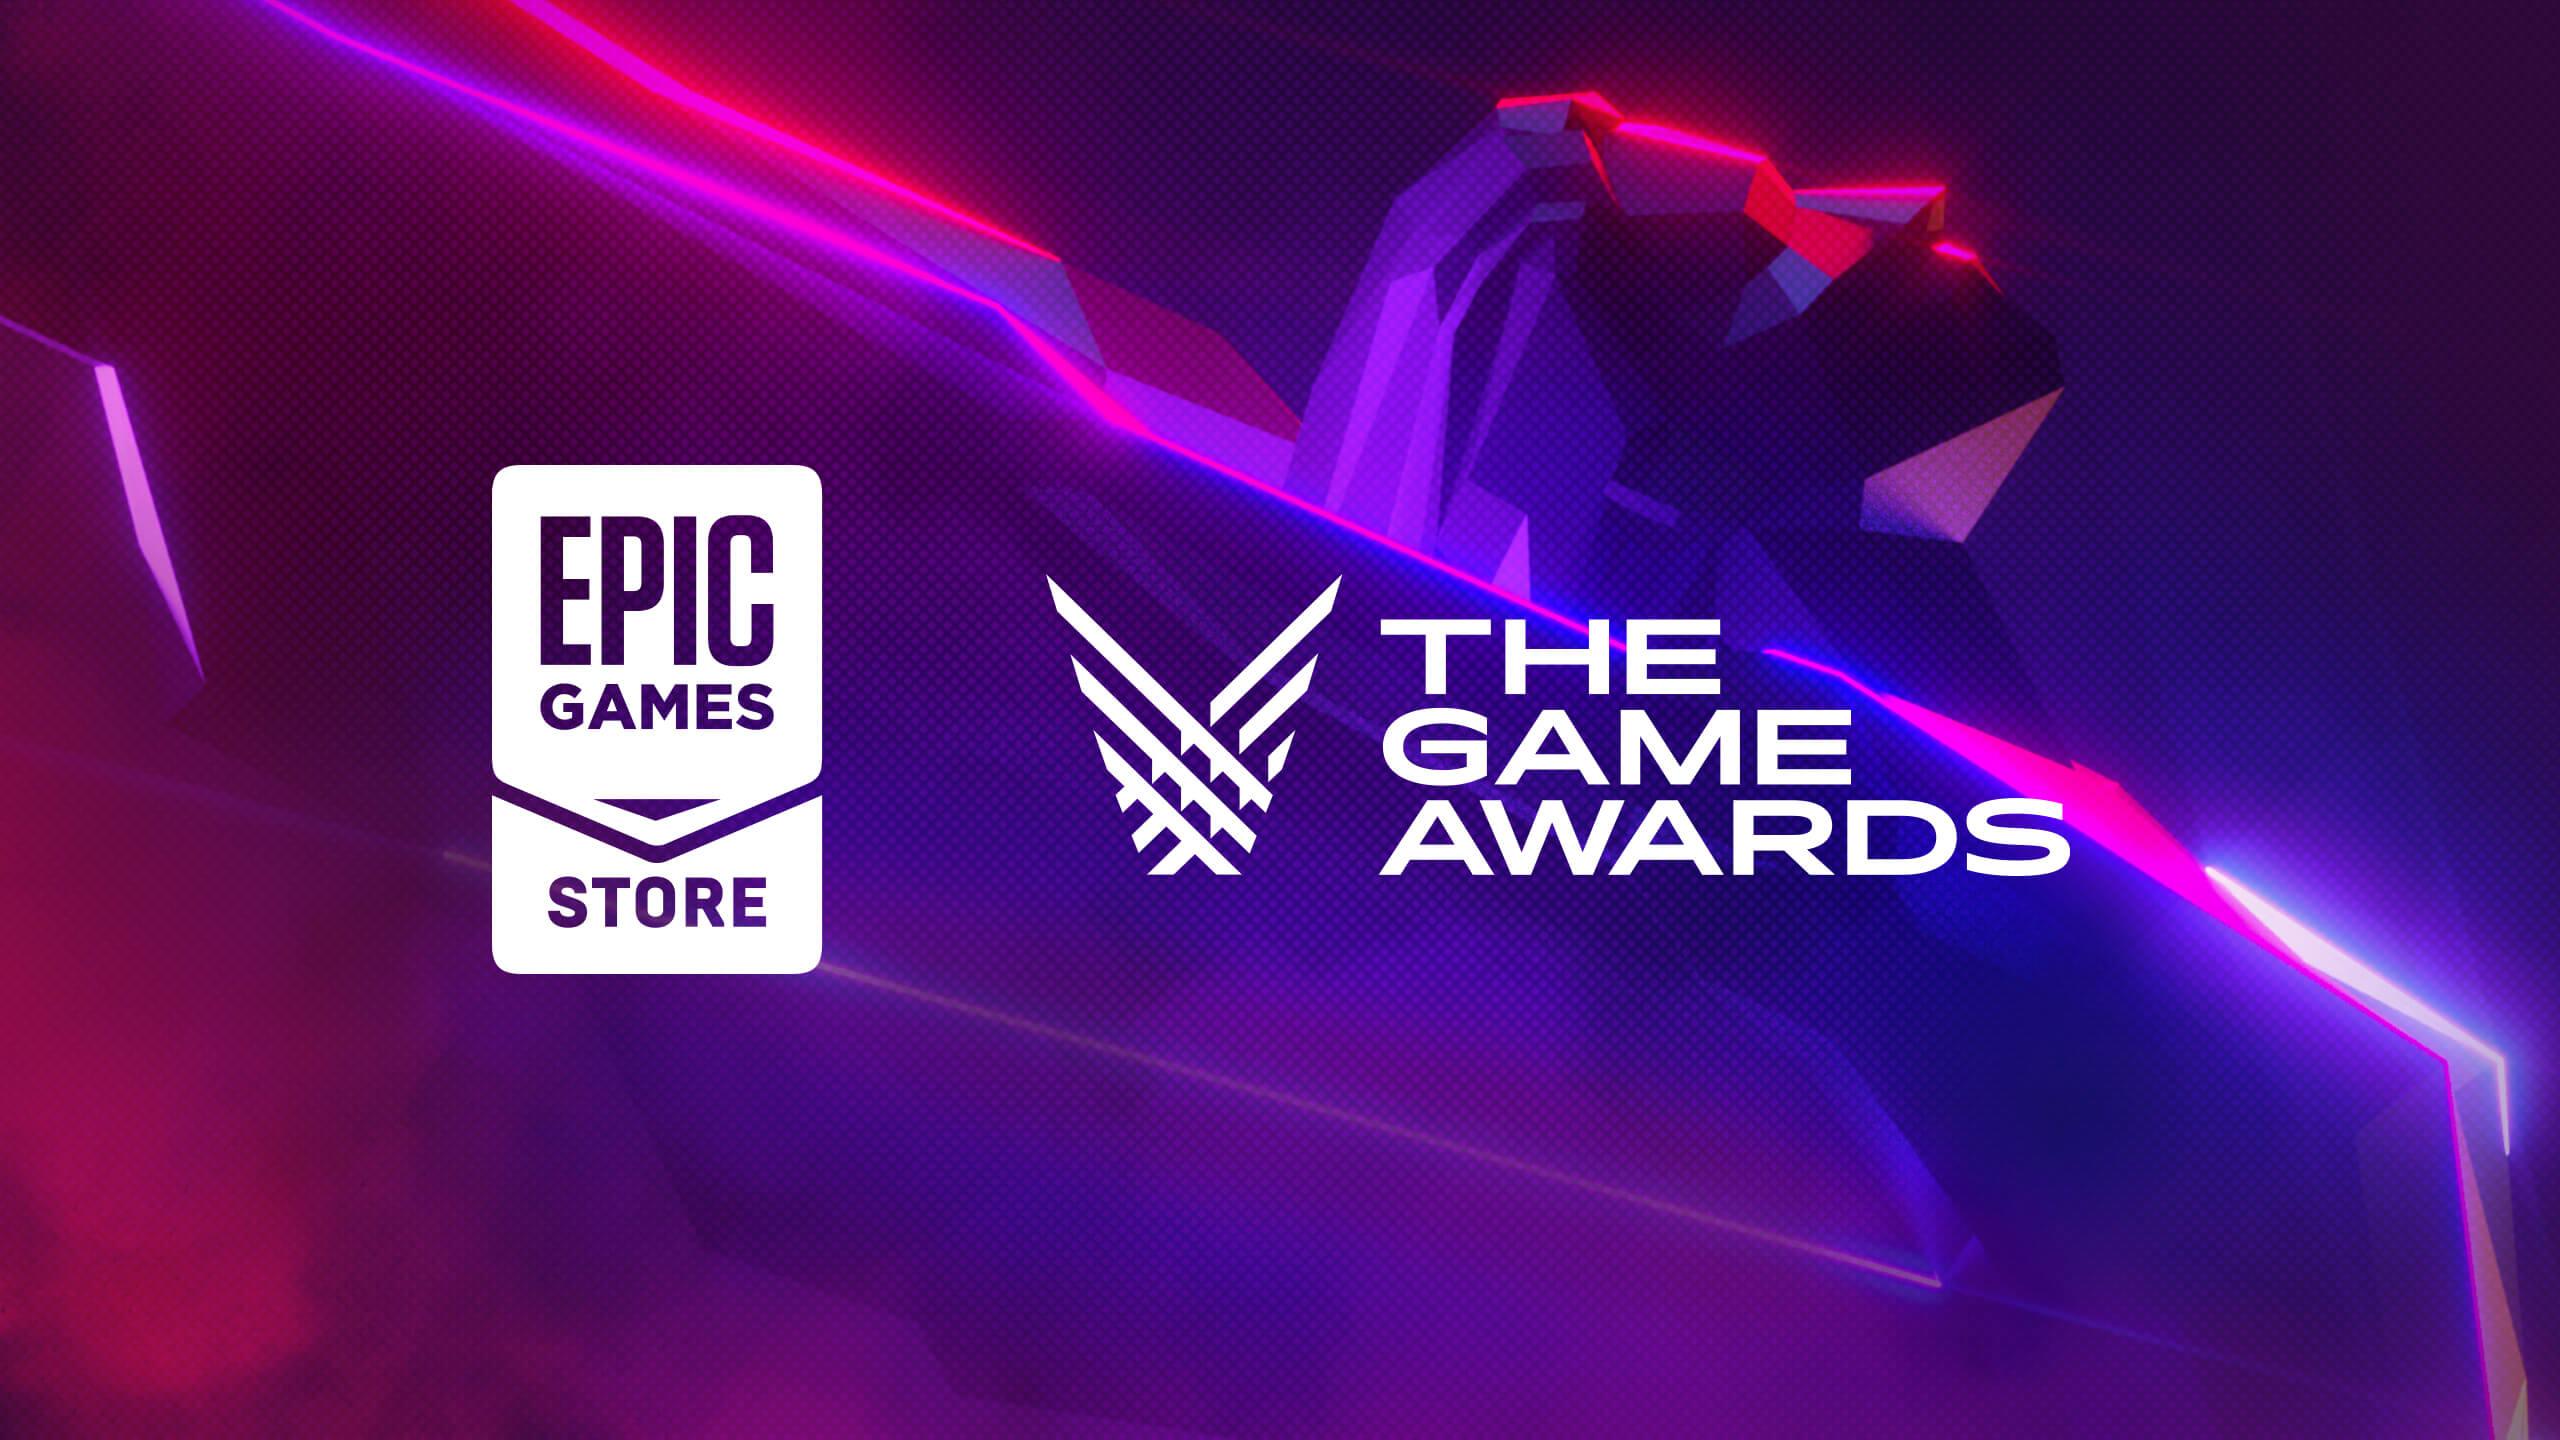 متجر Epic Games Store في جوائز الألعاب 2019